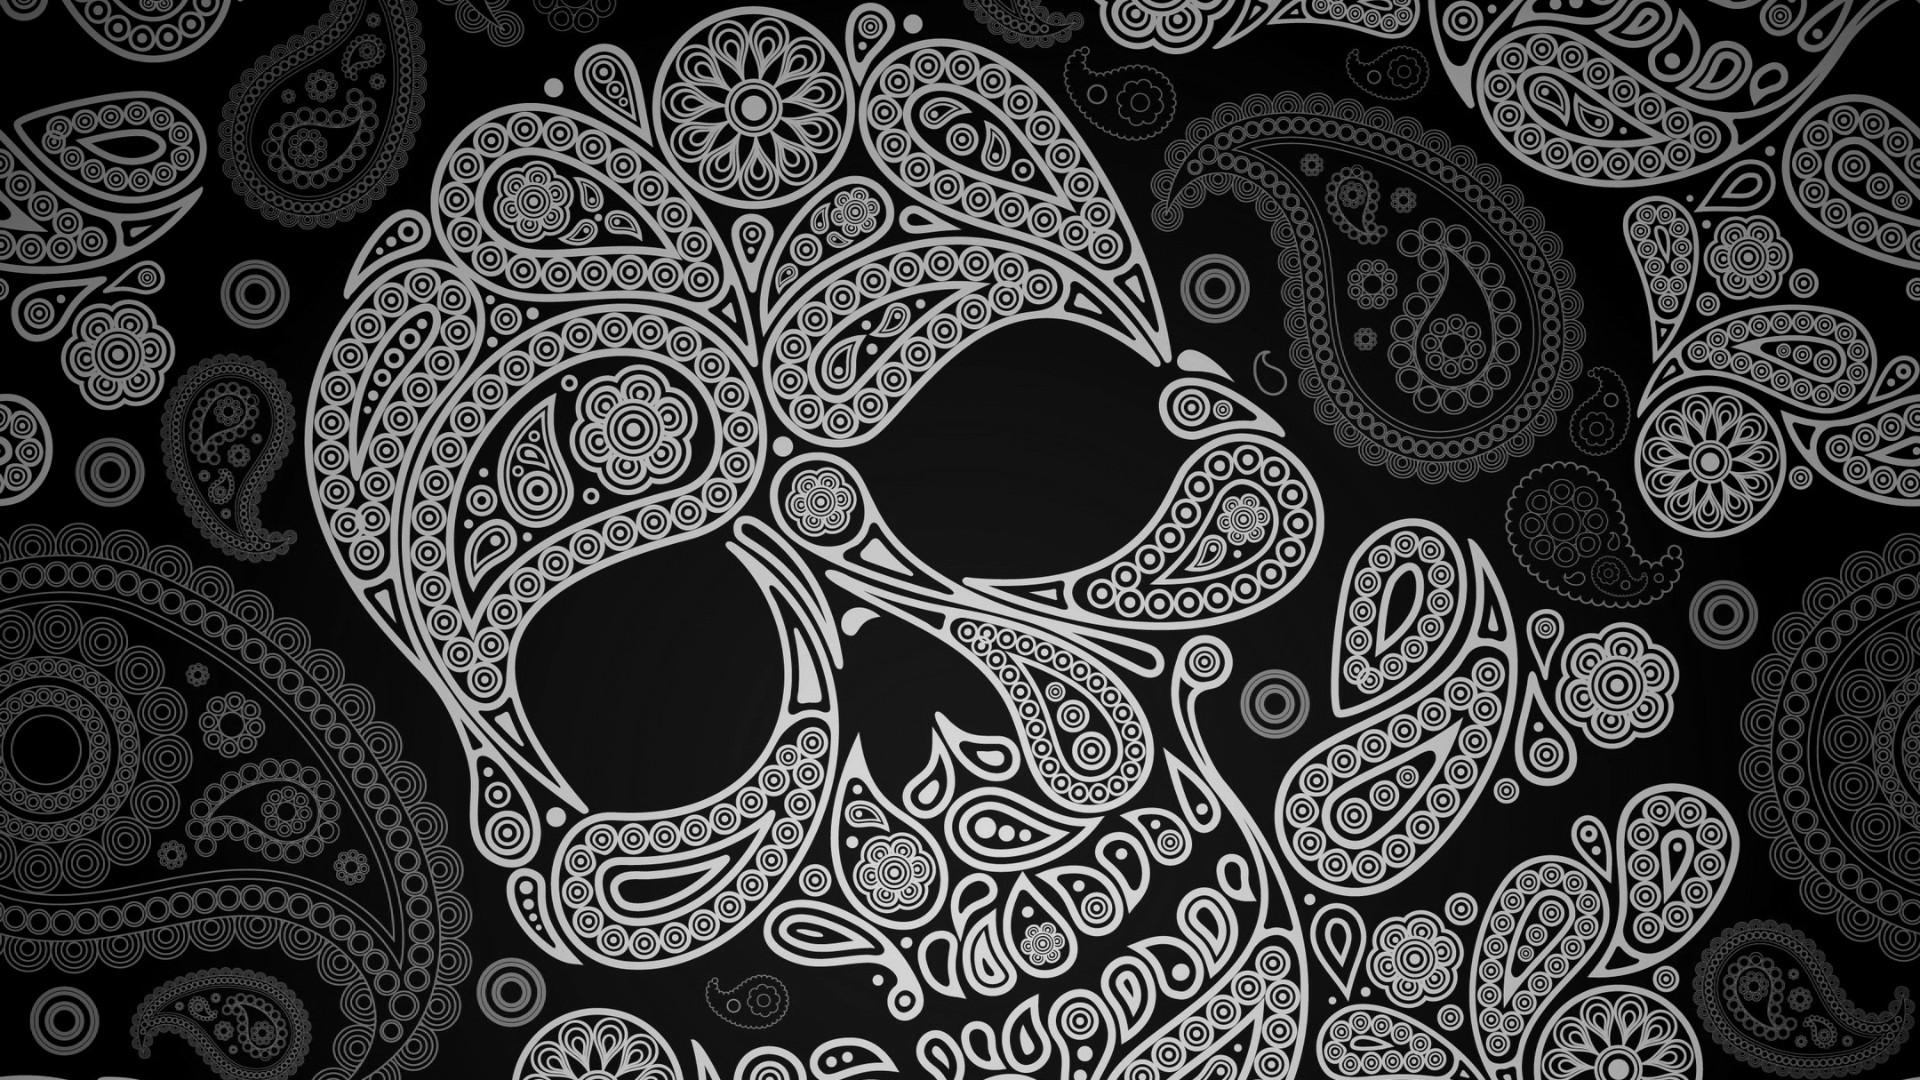 Sugar Skull, (px-1433.97 Kb)